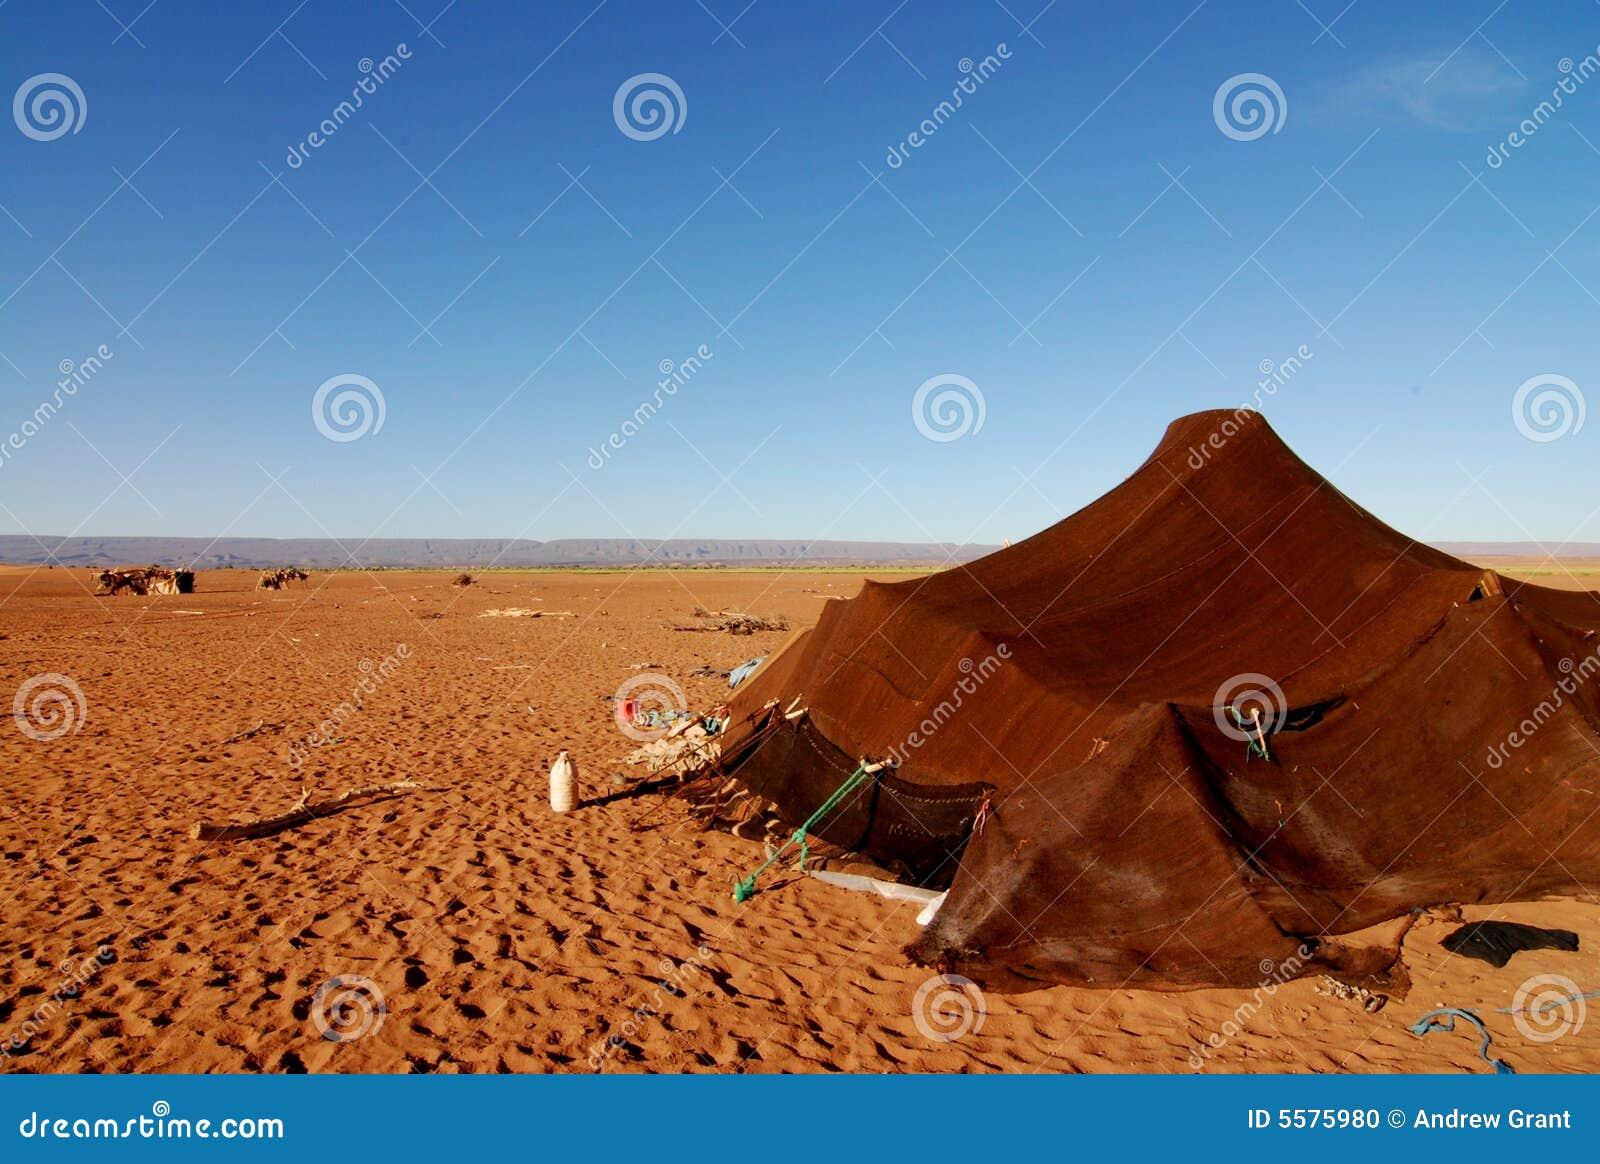 沙漠游牧人撒哈拉大沙漠帐篷